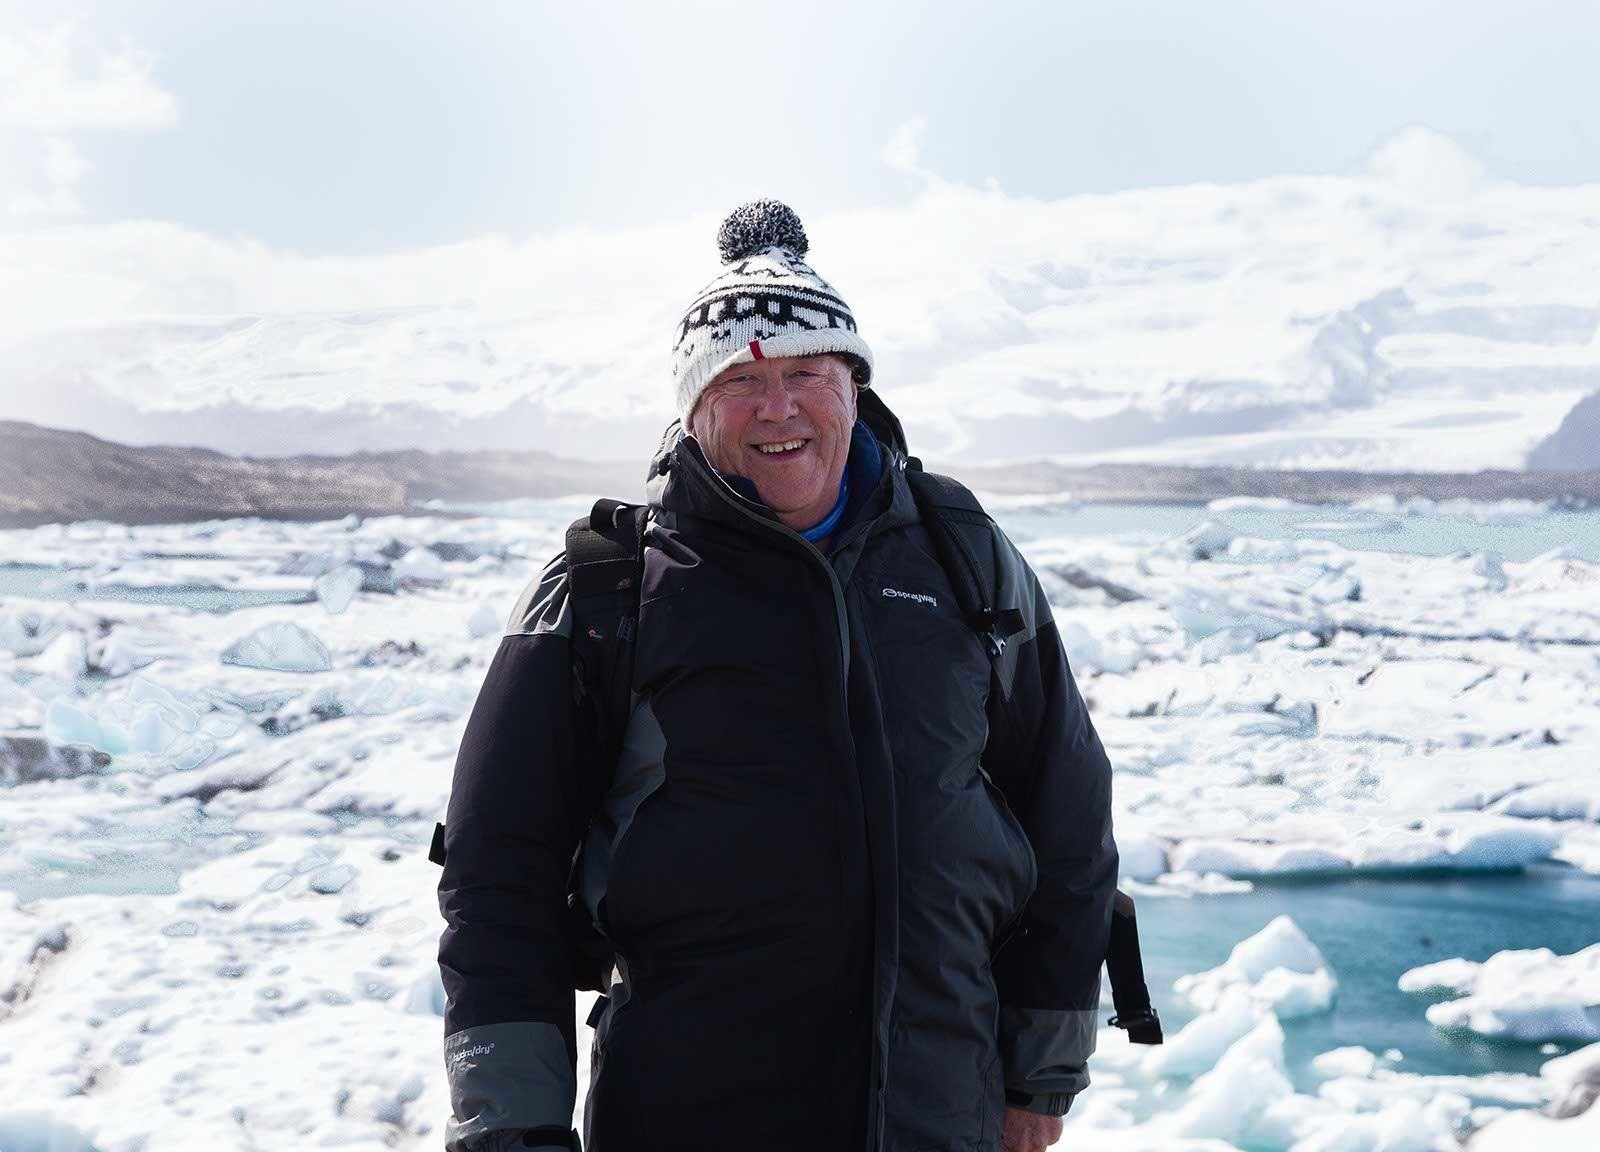 Derek in Iceland